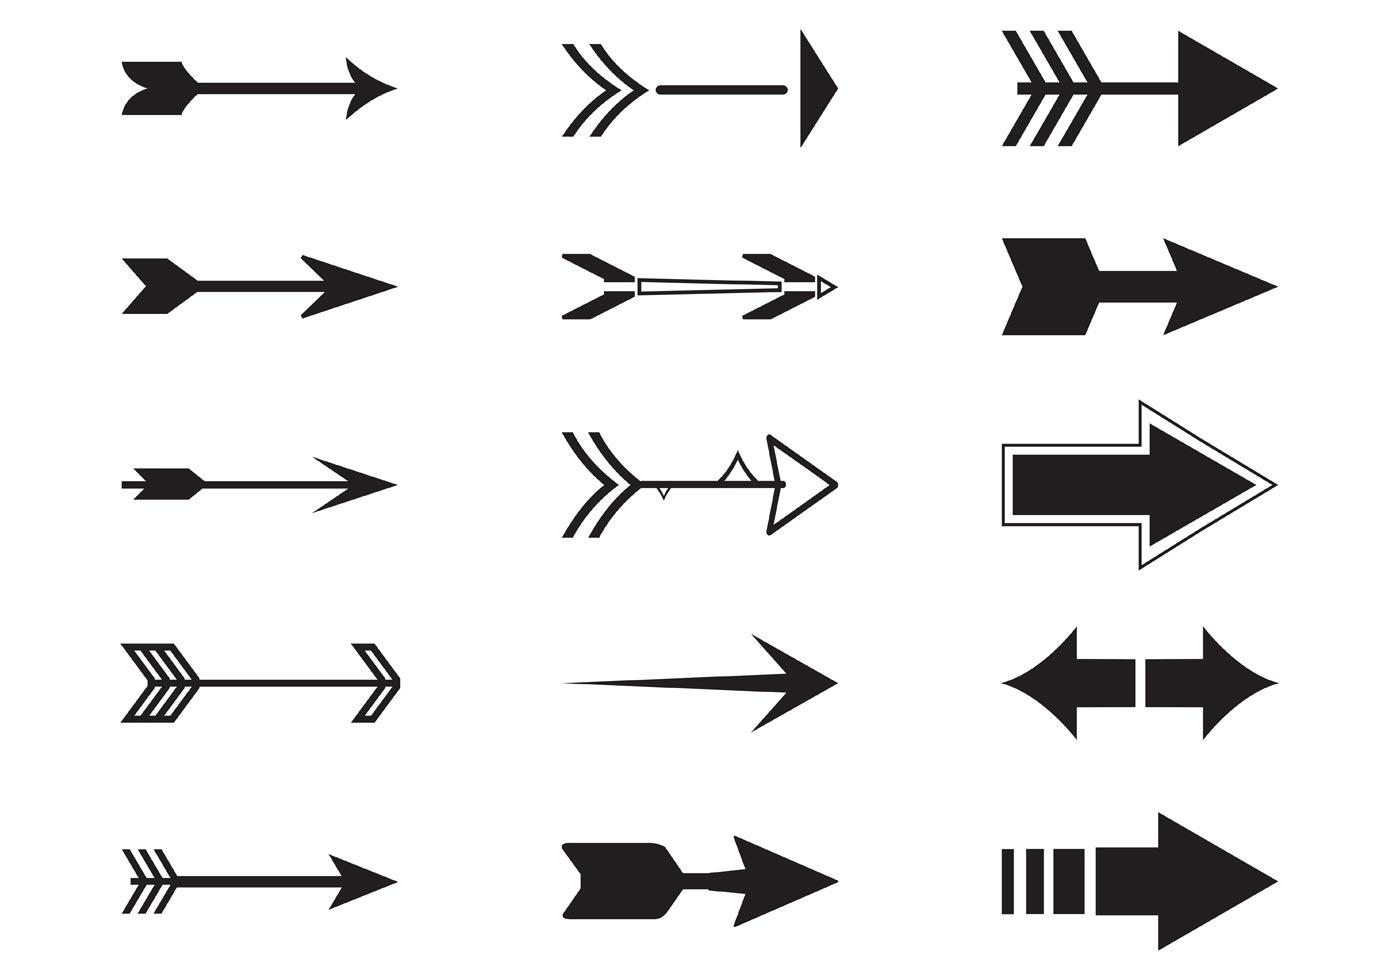 arrows logo vector - photo #27